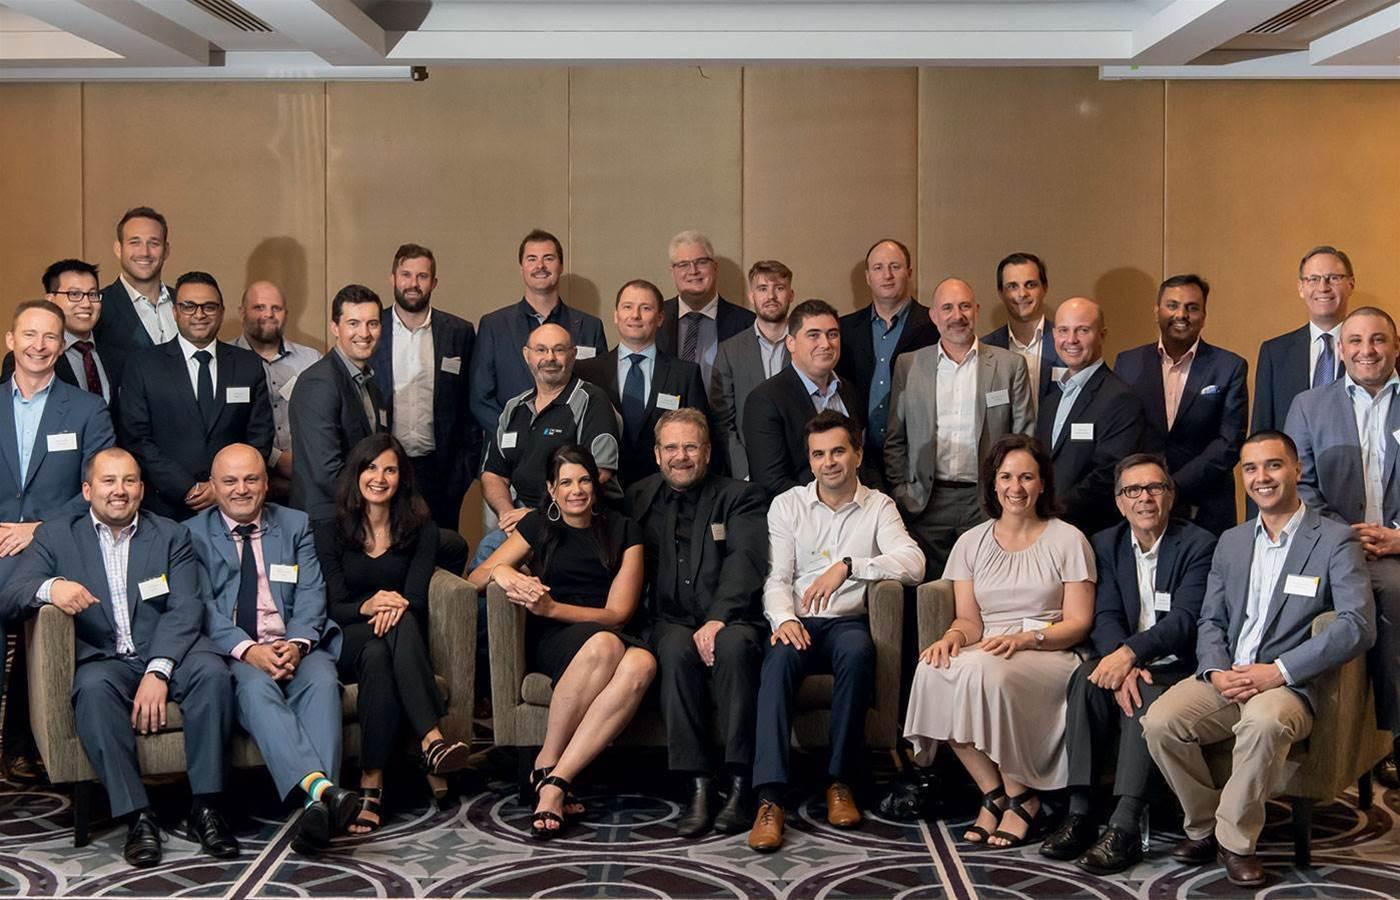 CRN Fast50 delegates discuss channel's future